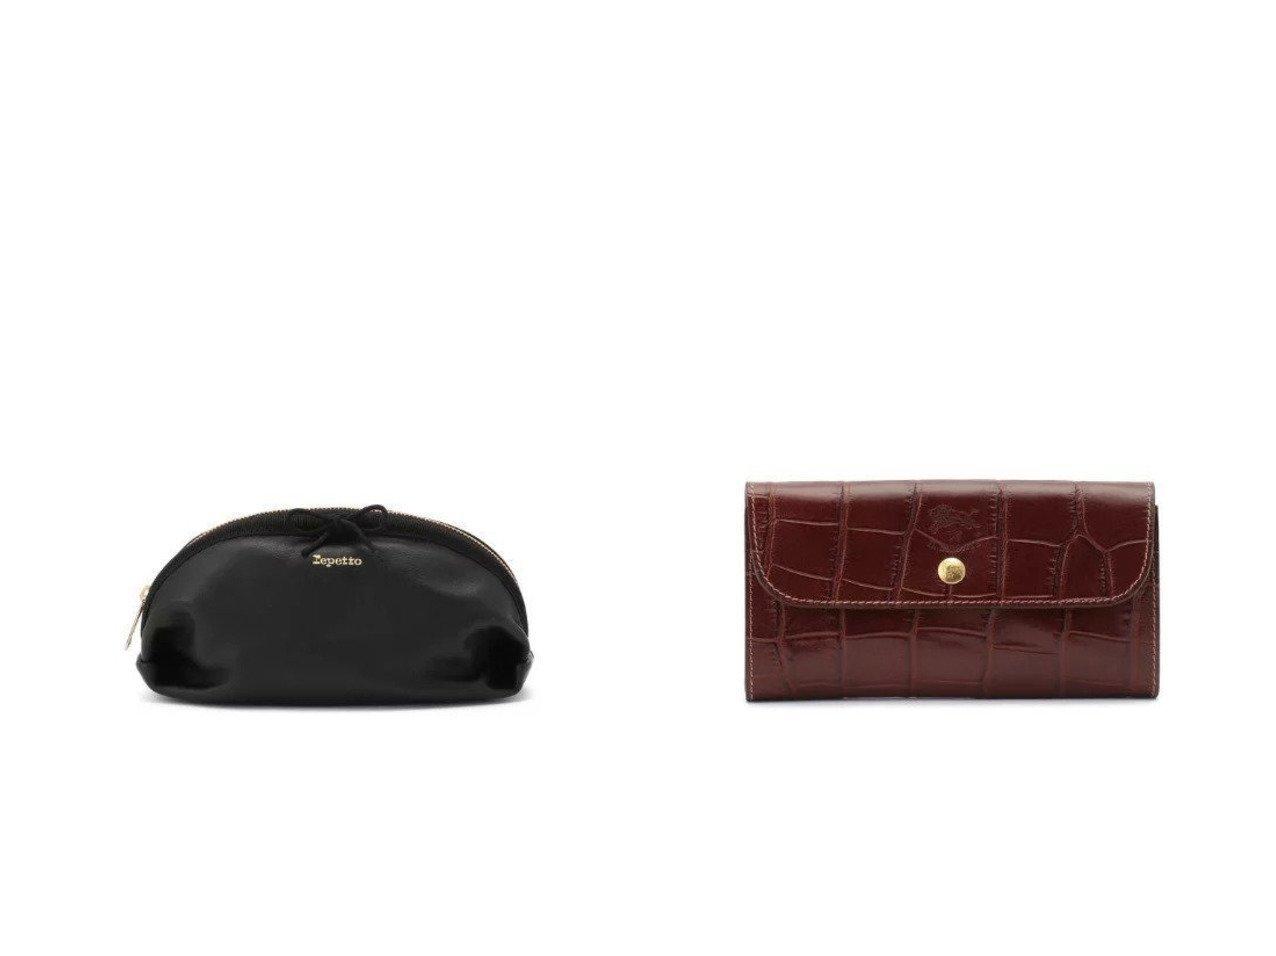 【IL BISONTE/イル ビゾンテ】のロングウォレット&【repetto/レペット】のTrousse maquillage pouch おすすめ!人気トレンド・レディースファッションの通販  おすすめで人気のファッション通販商品 インテリア・家具・キッズファッション・メンズファッション・レディースファッション・服の通販 founy(ファニー) https://founy.com/ ファッション Fashion レディースファッション WOMEN ポーチ Pouches 財布 Wallets フォルム ポーチ モノトーン ワンポイント エレガント ラグジュアリー 財布 |ID:crp329100000008190